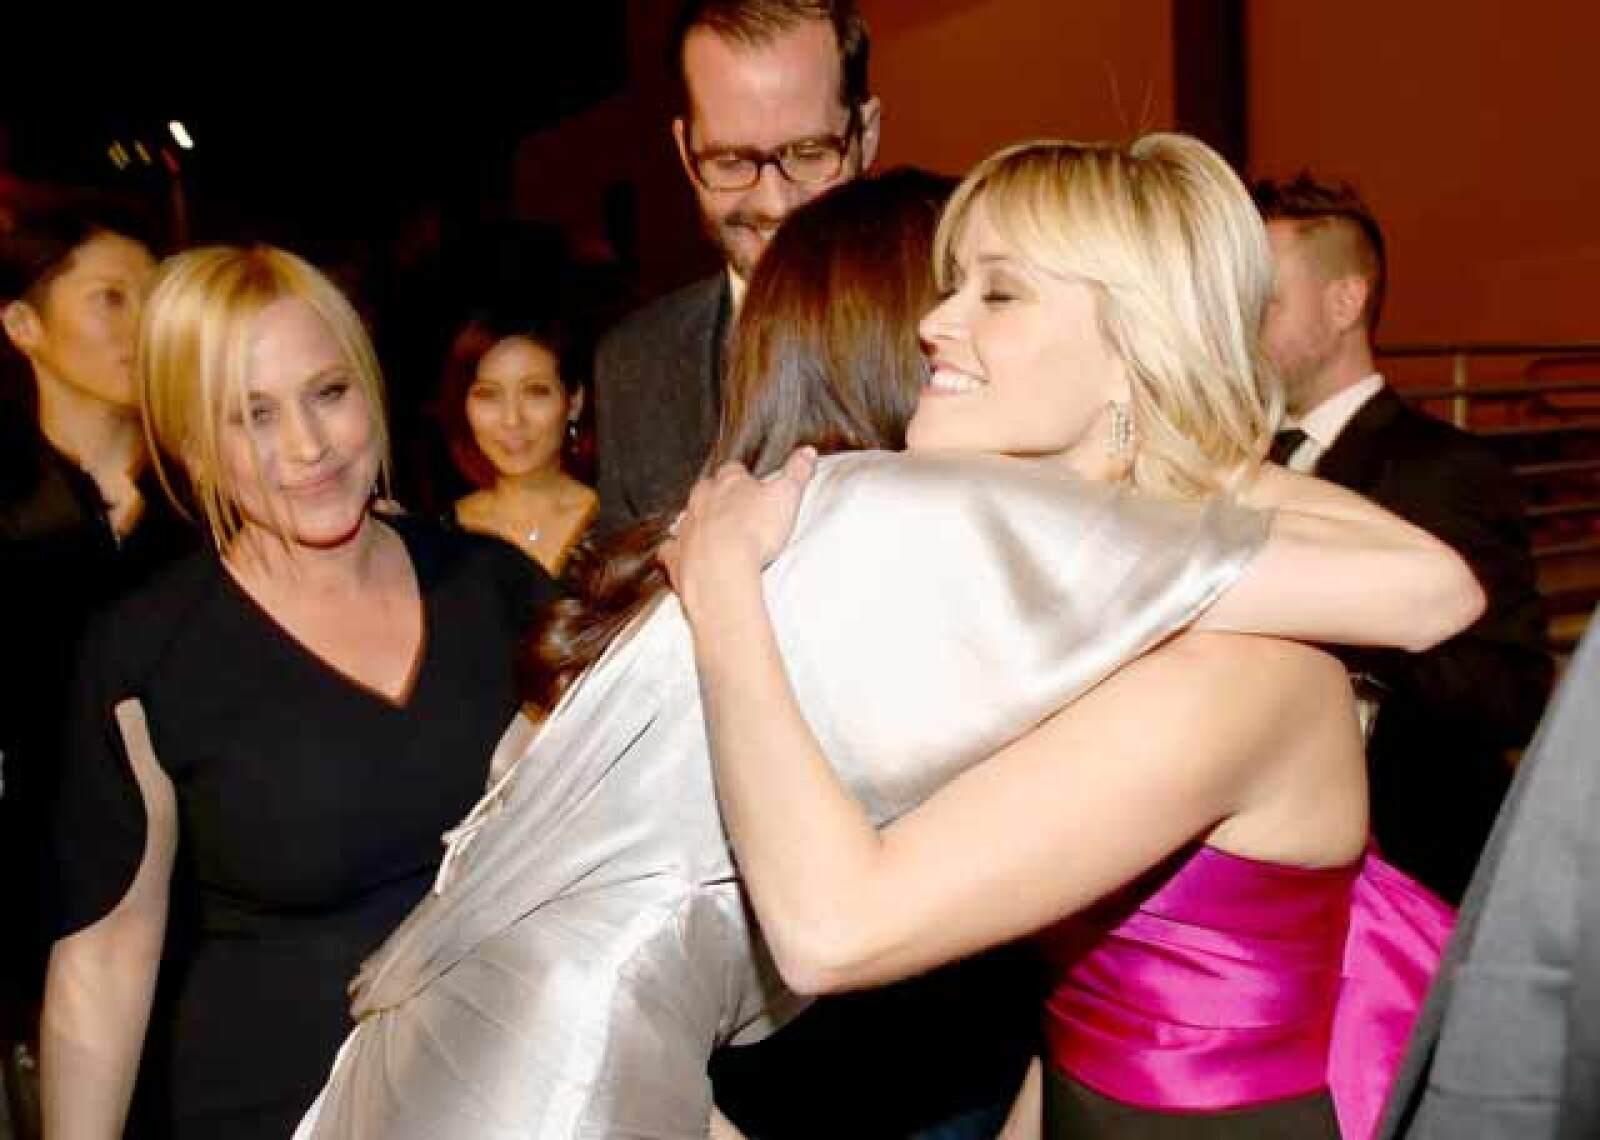 Continuando con el momento de los abrazos a Angelina, Reese también tuvo su oportunidad, e incluso Patricia Arquette fue captada mirando y esperando a ser la siguiente.